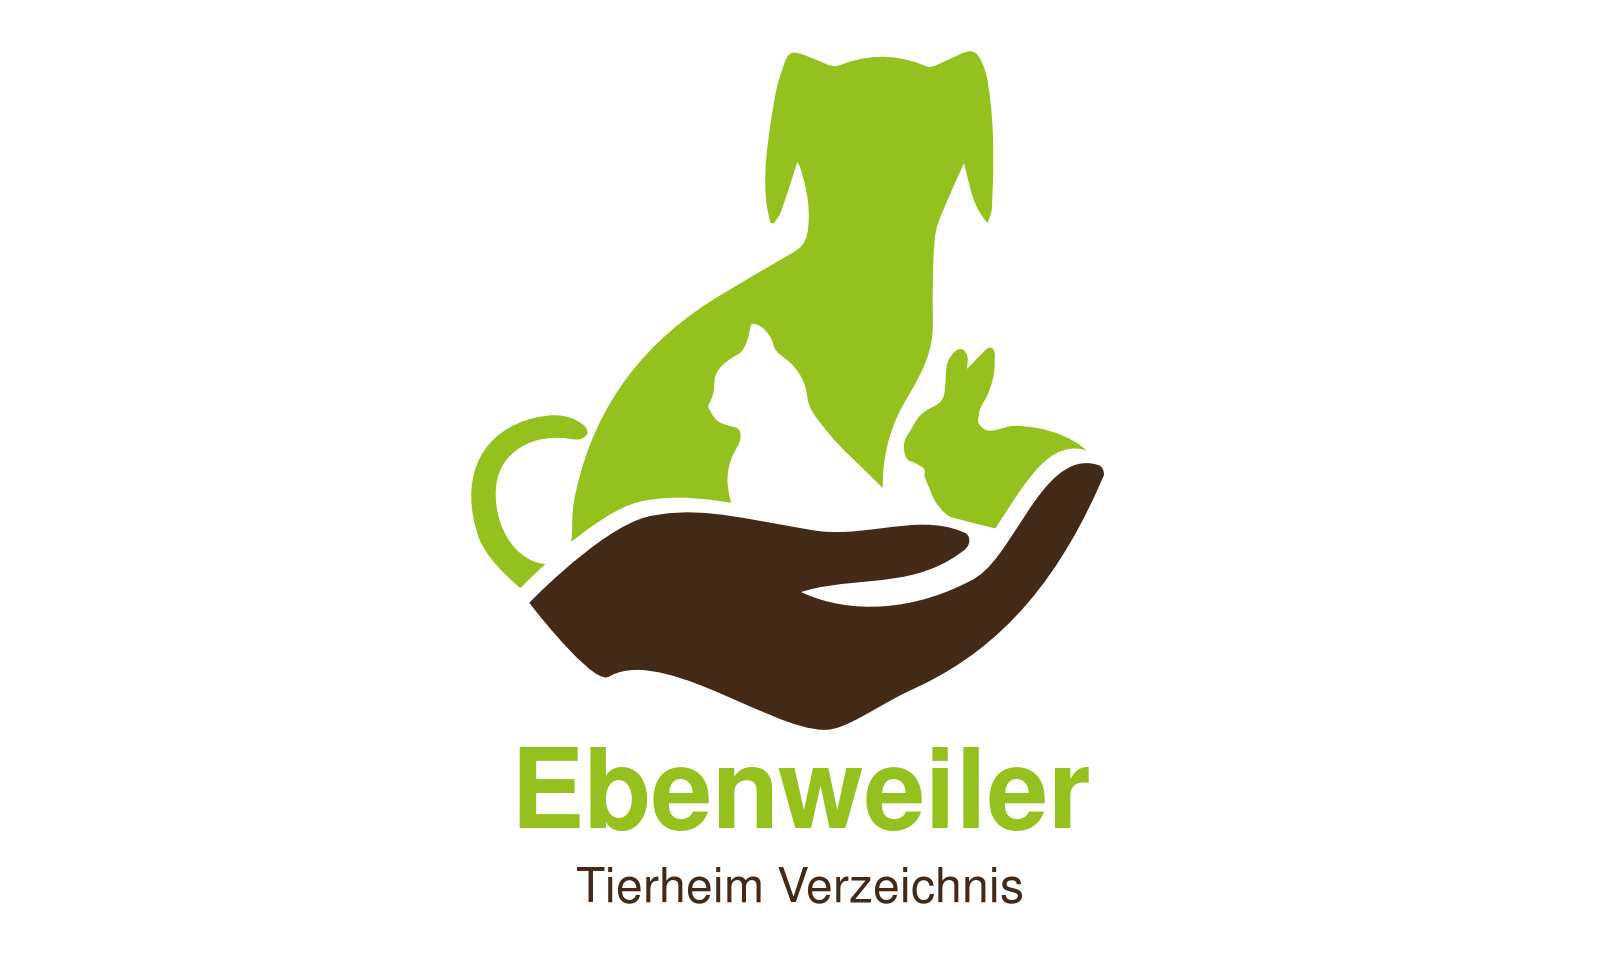 Tierheim Ebenweiler